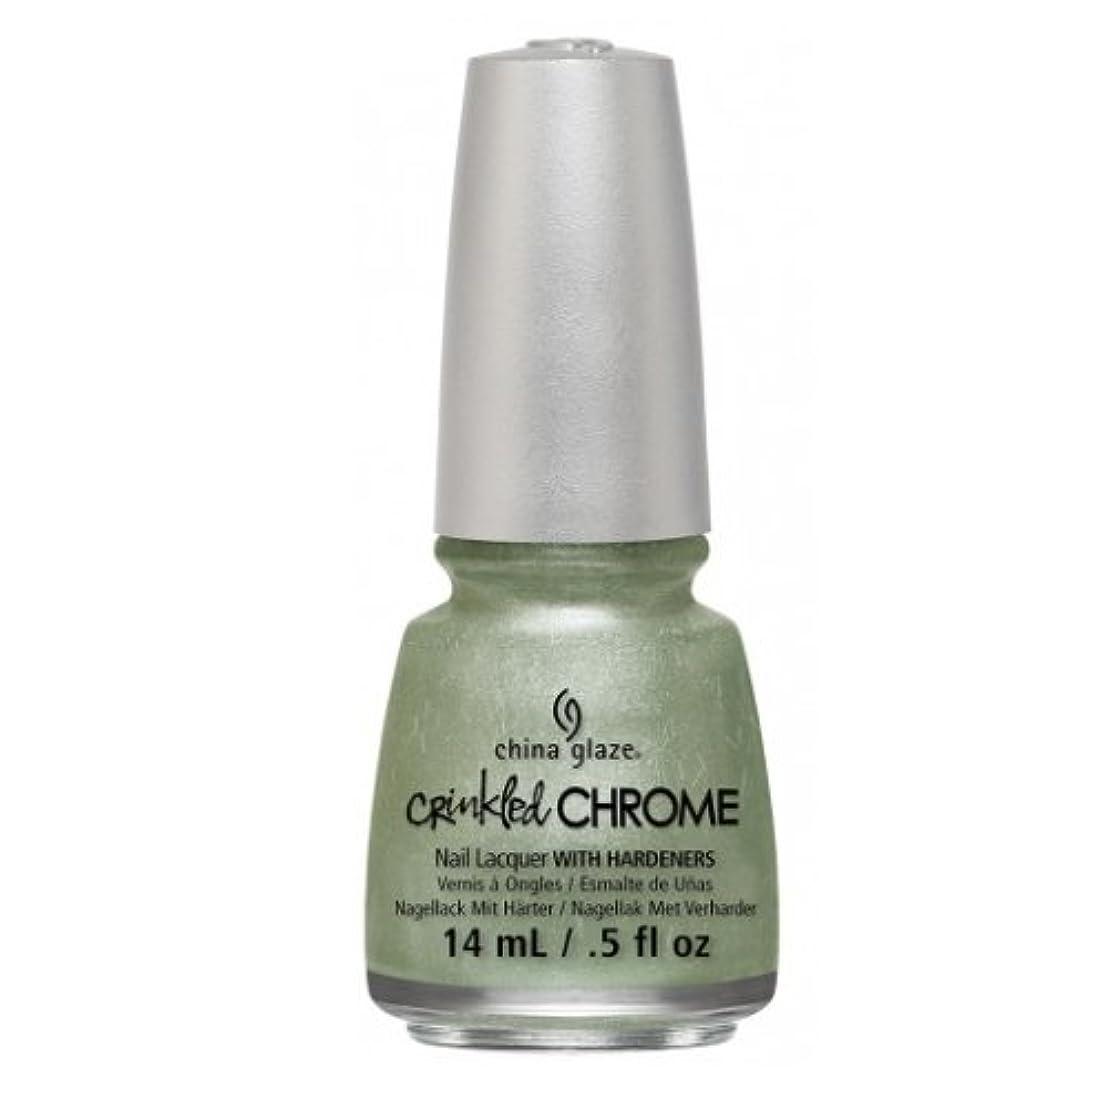 振り向く五月シェトランド諸島(3 Pack) CHINA GLAZE Nail Lacquer - Crinkled Chrome - Wrinkling the Sheets (並行輸入品)